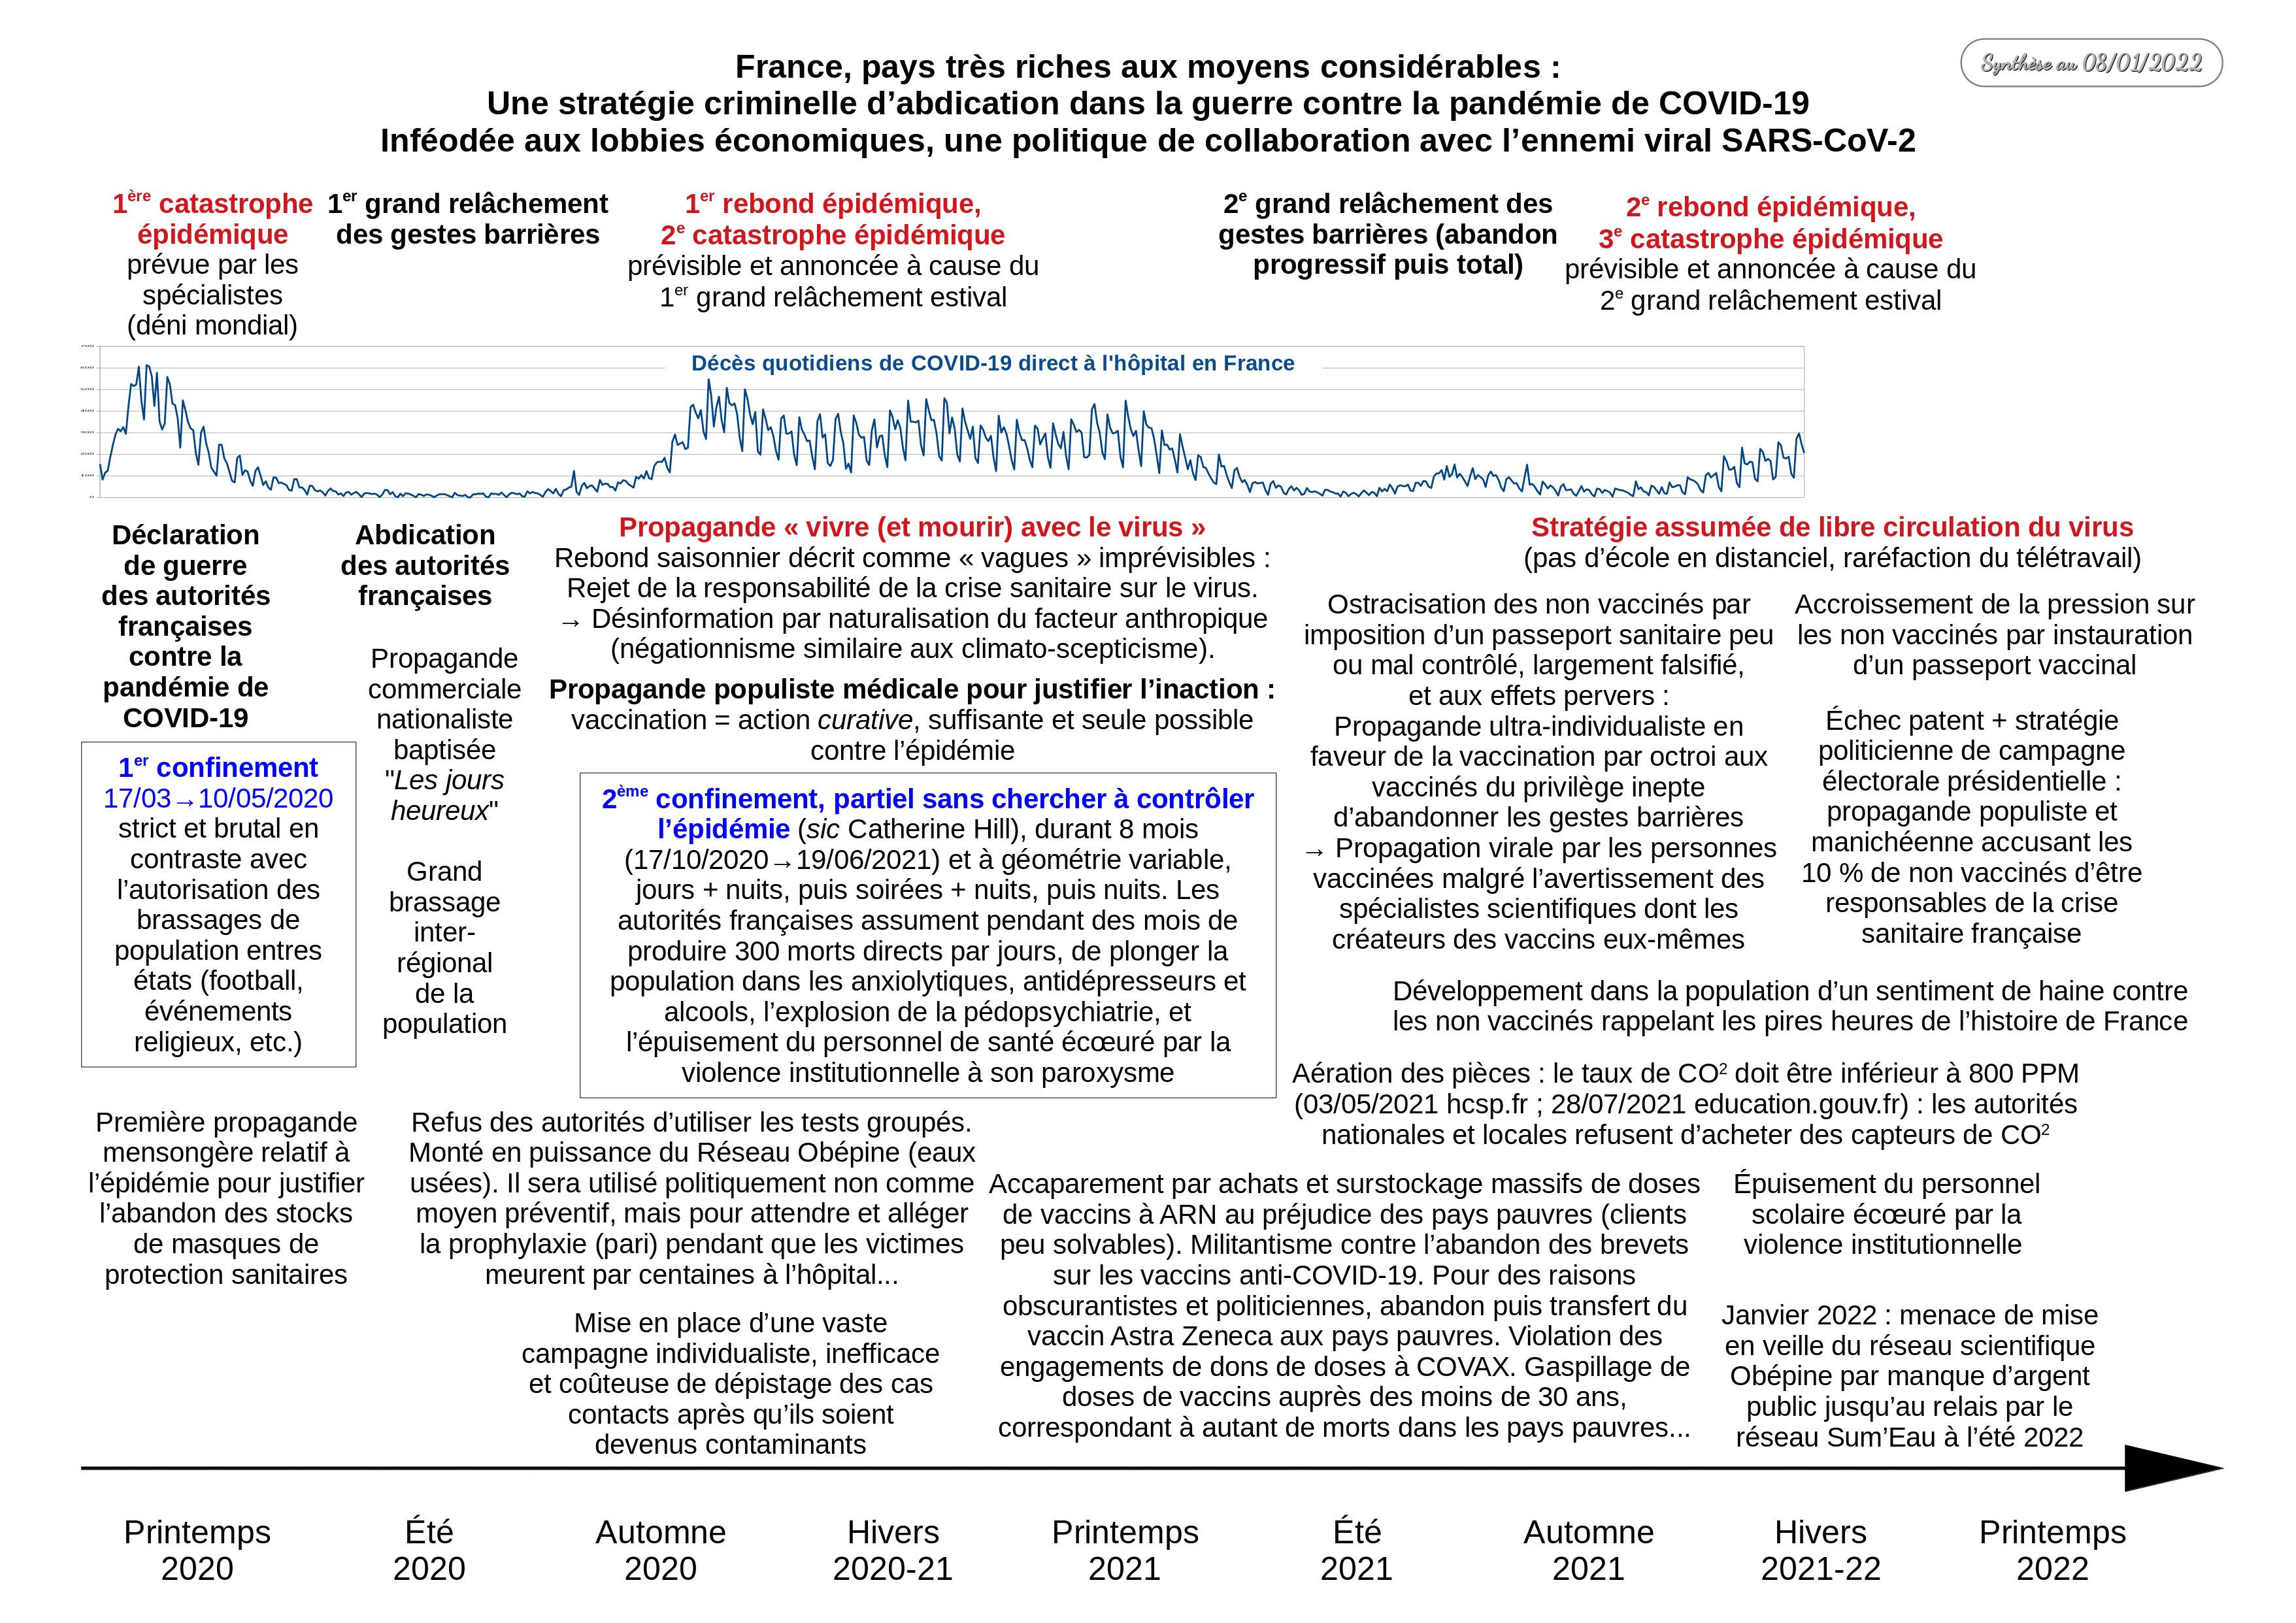 Synthèse de la politique sanitaire française contre l'épidémie de COVID-19 (Crédit : ordi49.fr sous licence CC BY 4.0)